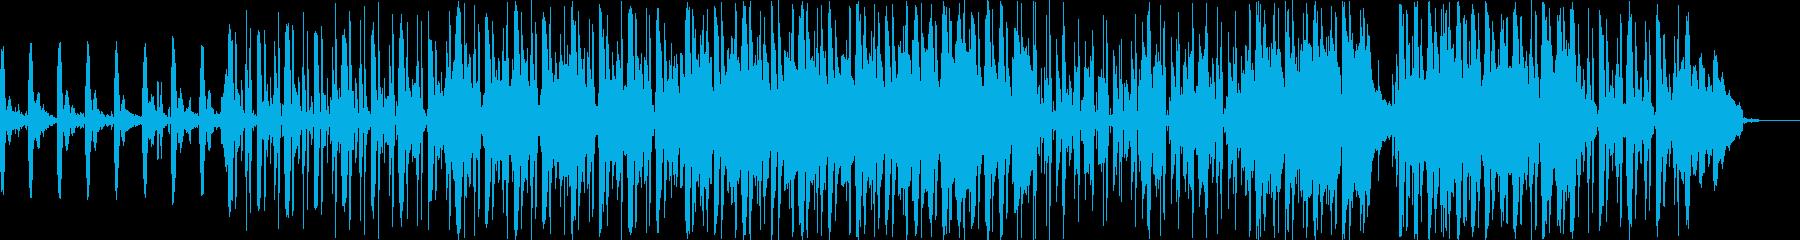 ジャズとHipHopが交わるダークな香りの再生済みの波形